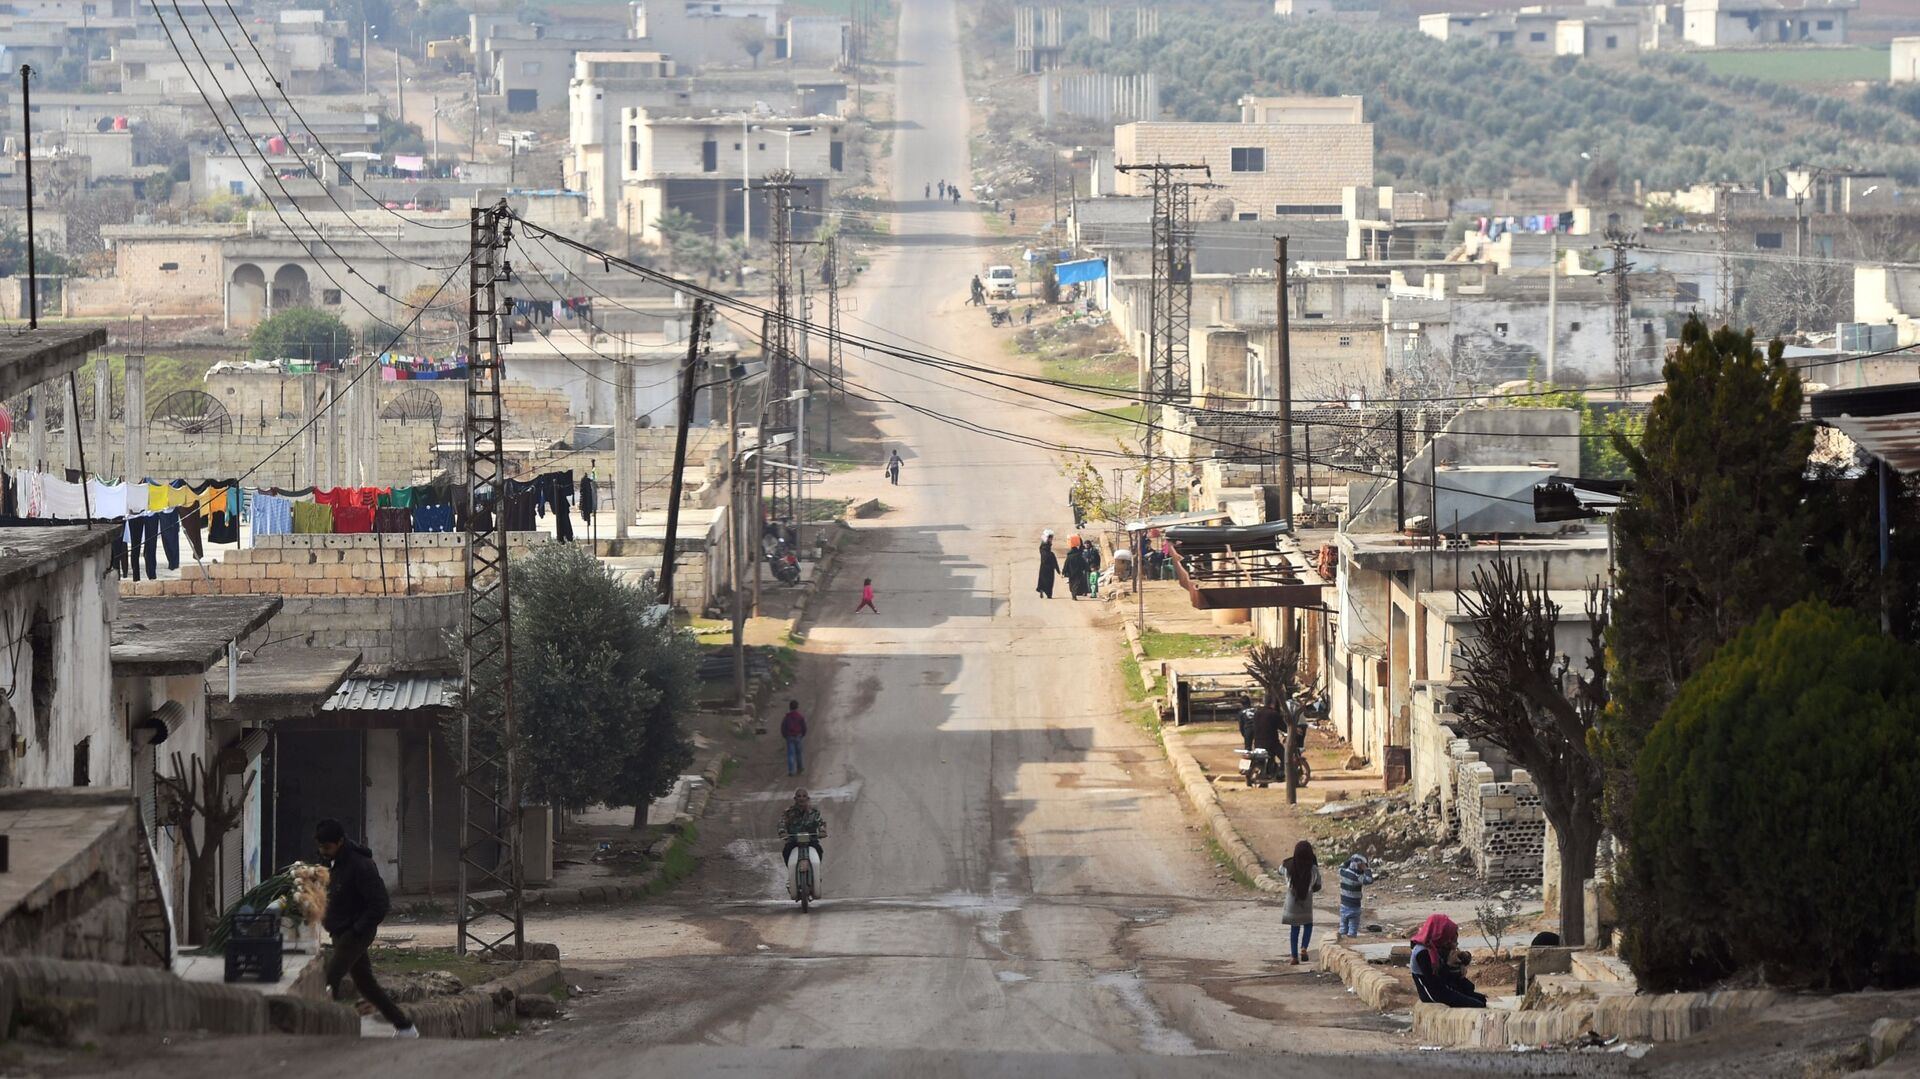 La situación en Idlib, Siria (archivo) - Sputnik Mundo, 1920, 18.02.2021